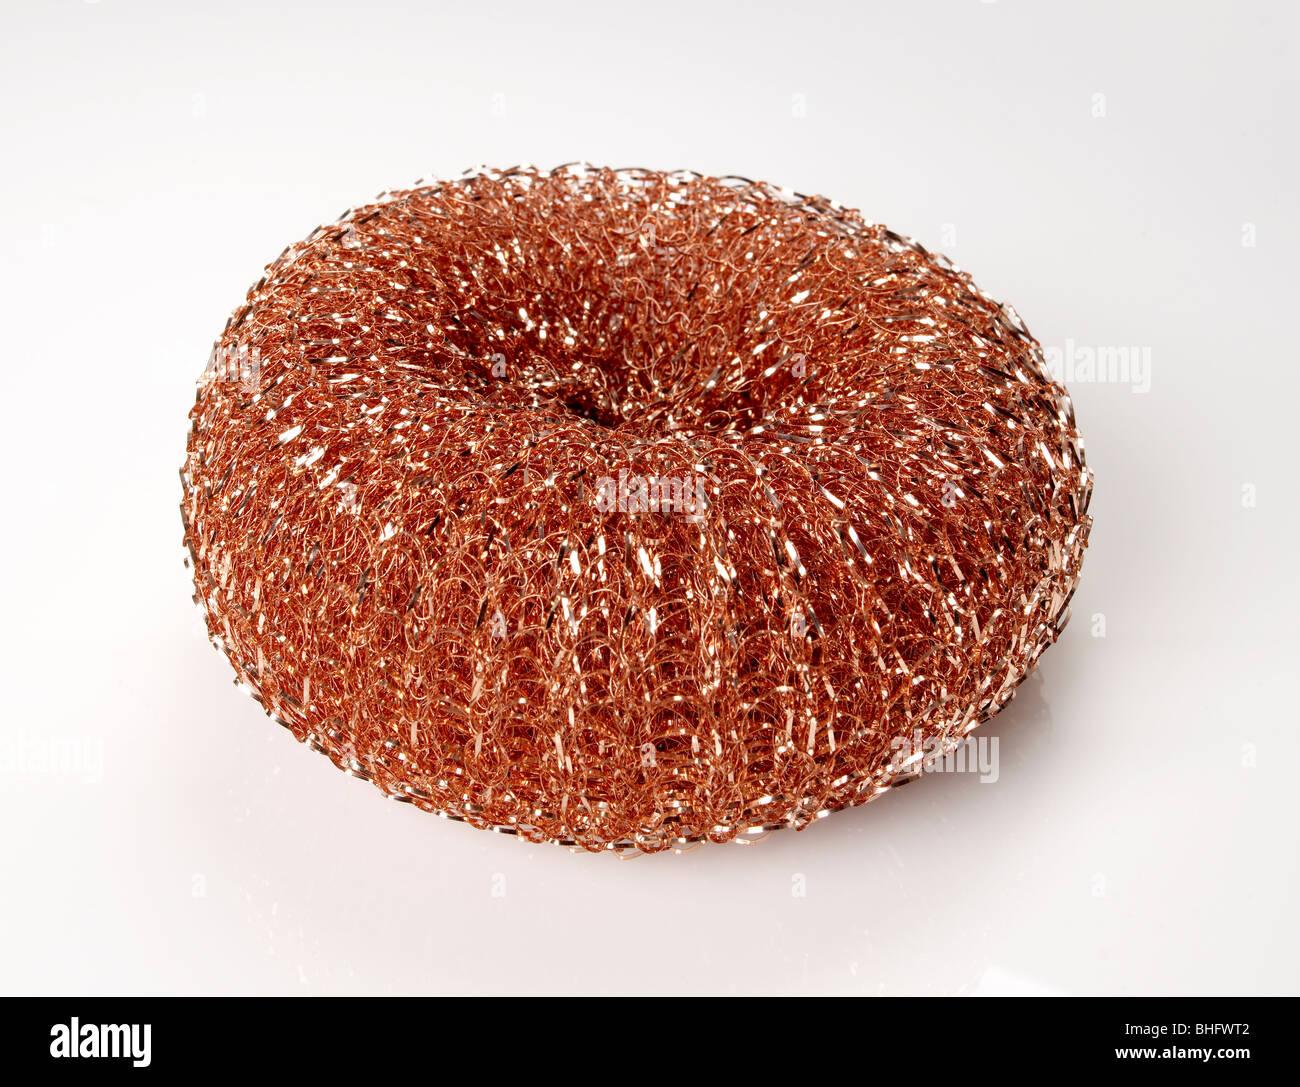 Copper wire Scrubbing pad - Stock Image